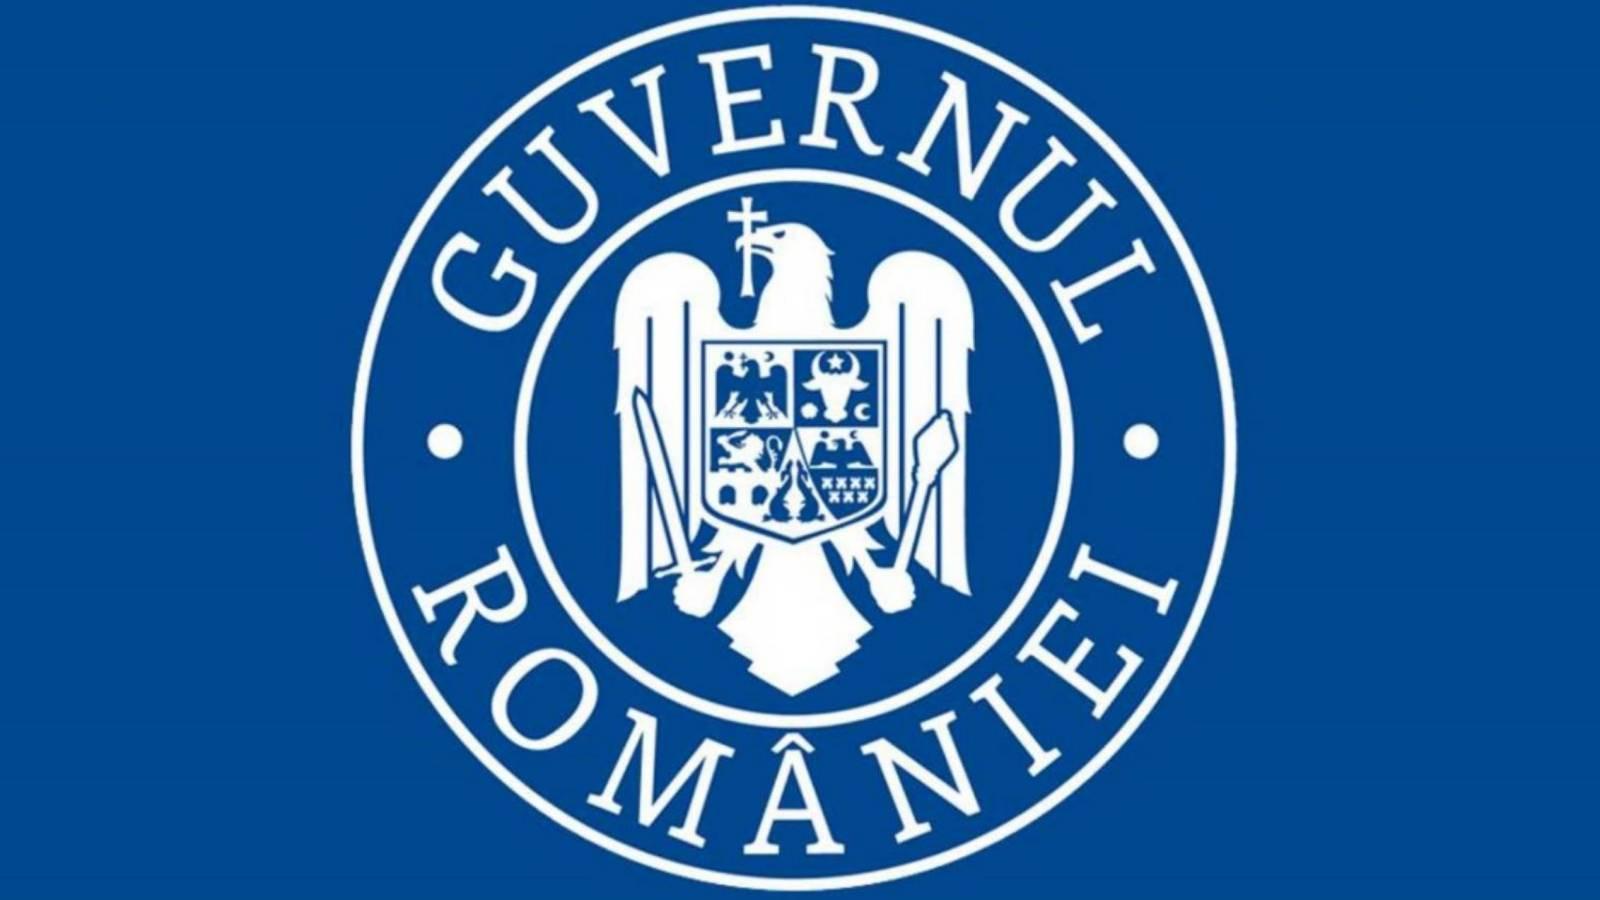 Guvernul Romaniei 1 iunie revenire normalitate